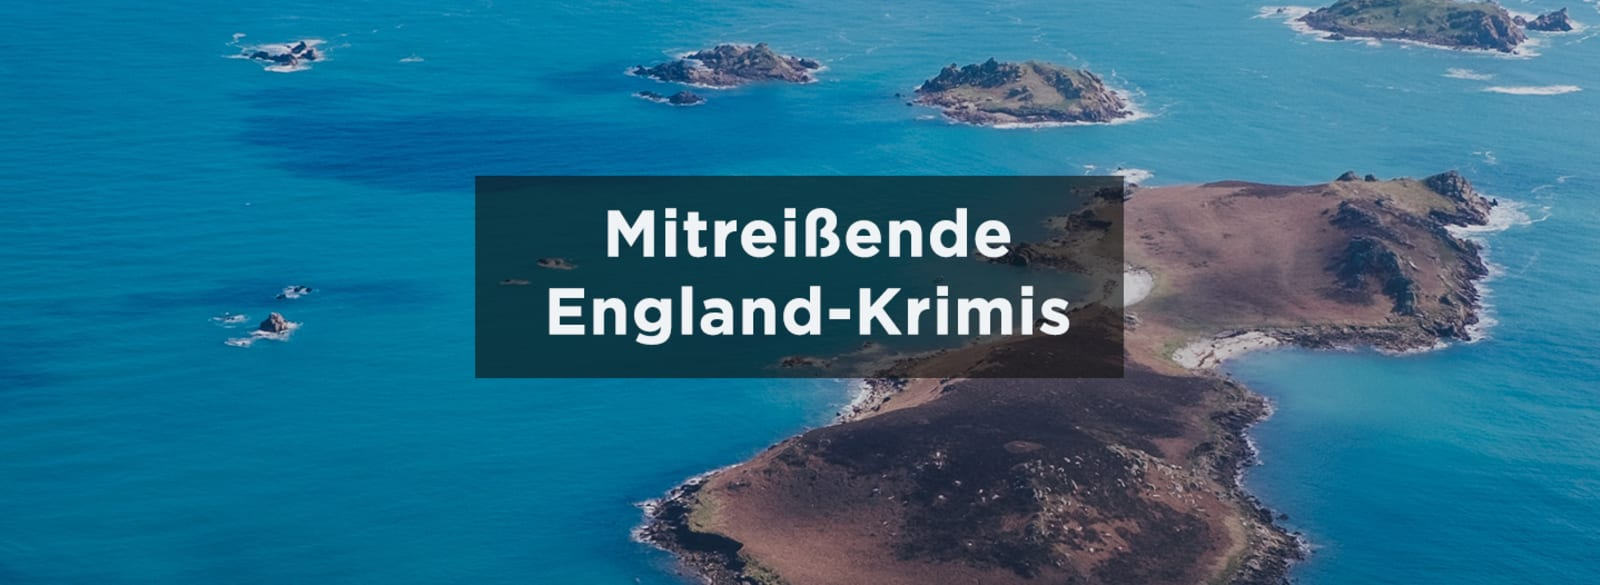 England Banner Urlaubskrimis